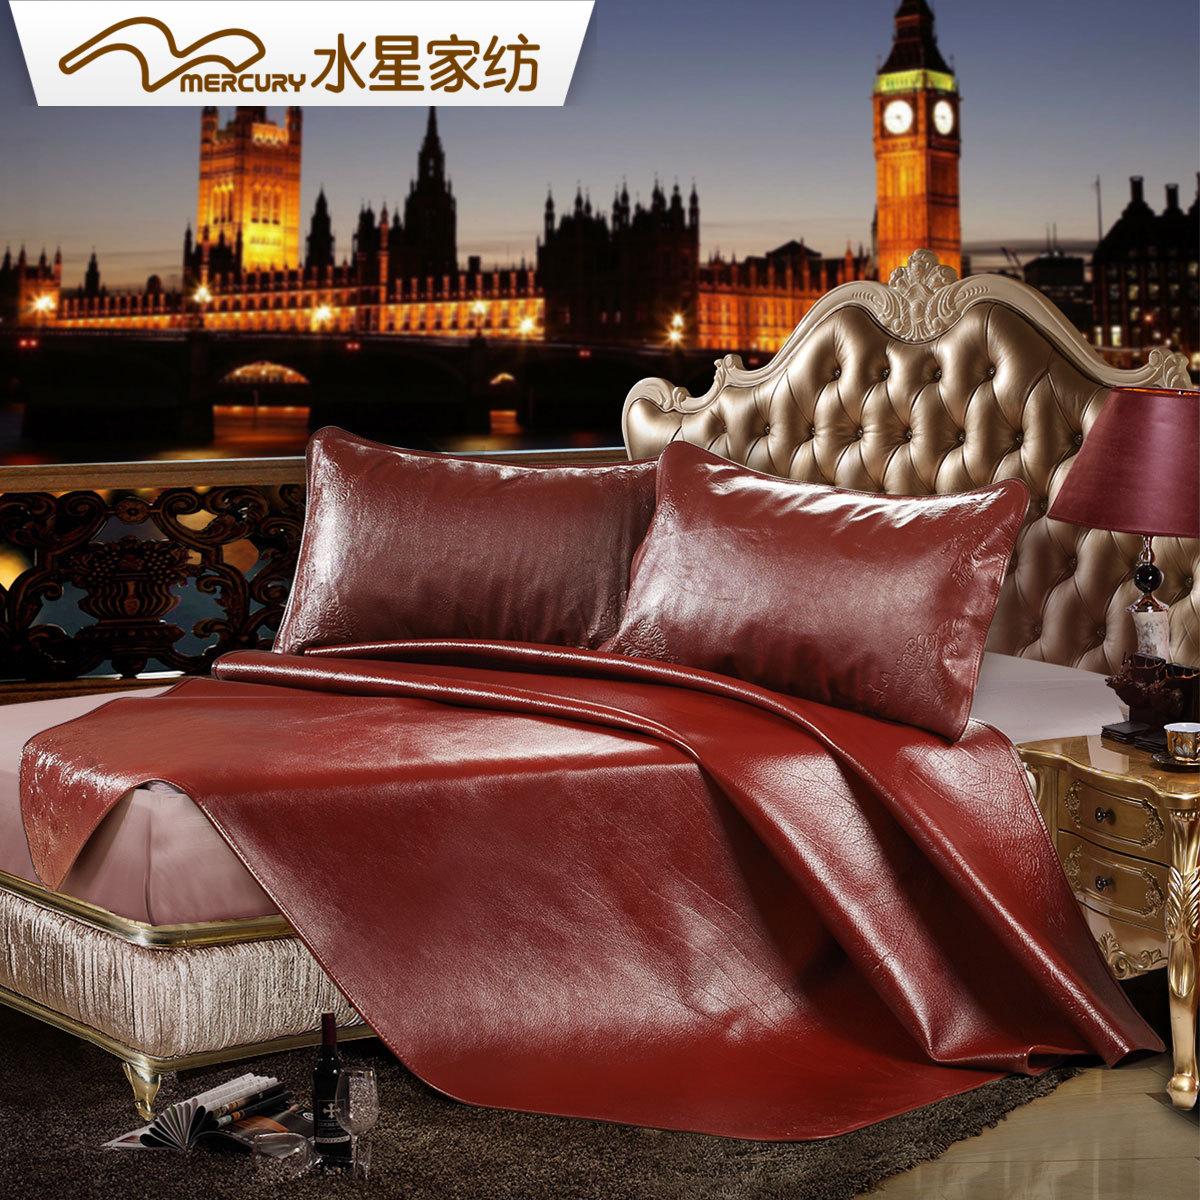 Купить Кожаные покрывала в Китае, в интернет магазине таобао на русском языке